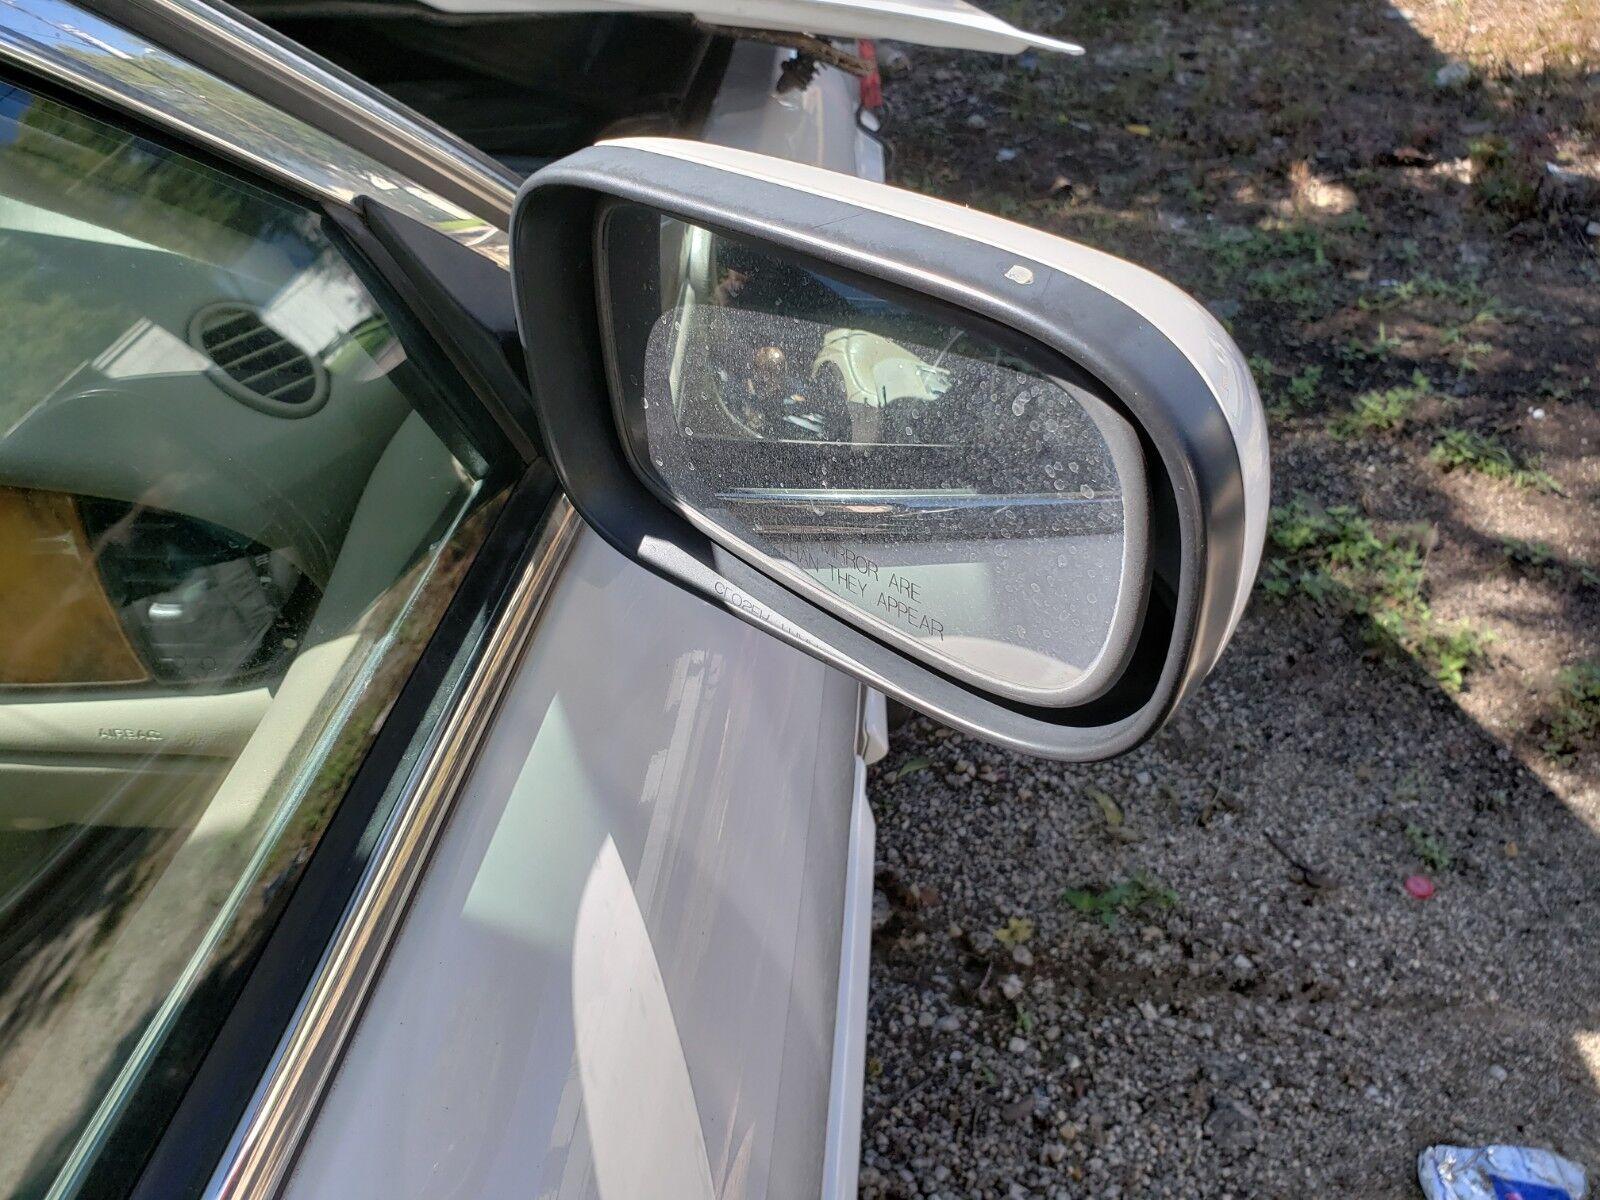 1998 1999 00 01 02 2003 Jaguar Xj8 Xj8l XJR XJ Sport Rechts Weiß